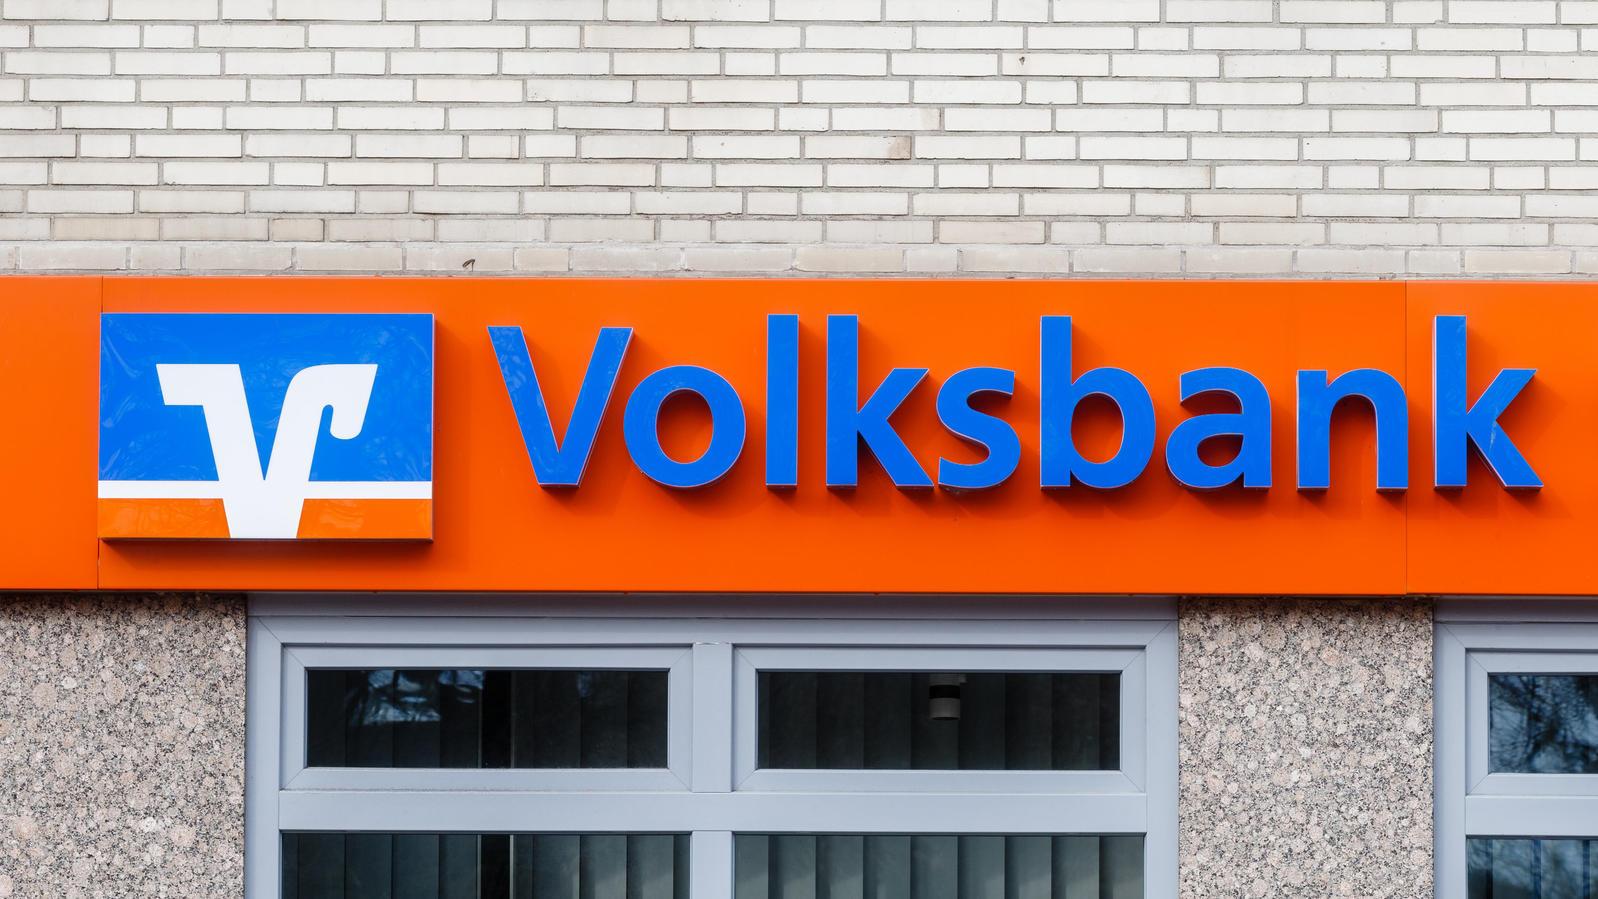 volksbank kostenlos geld abheben